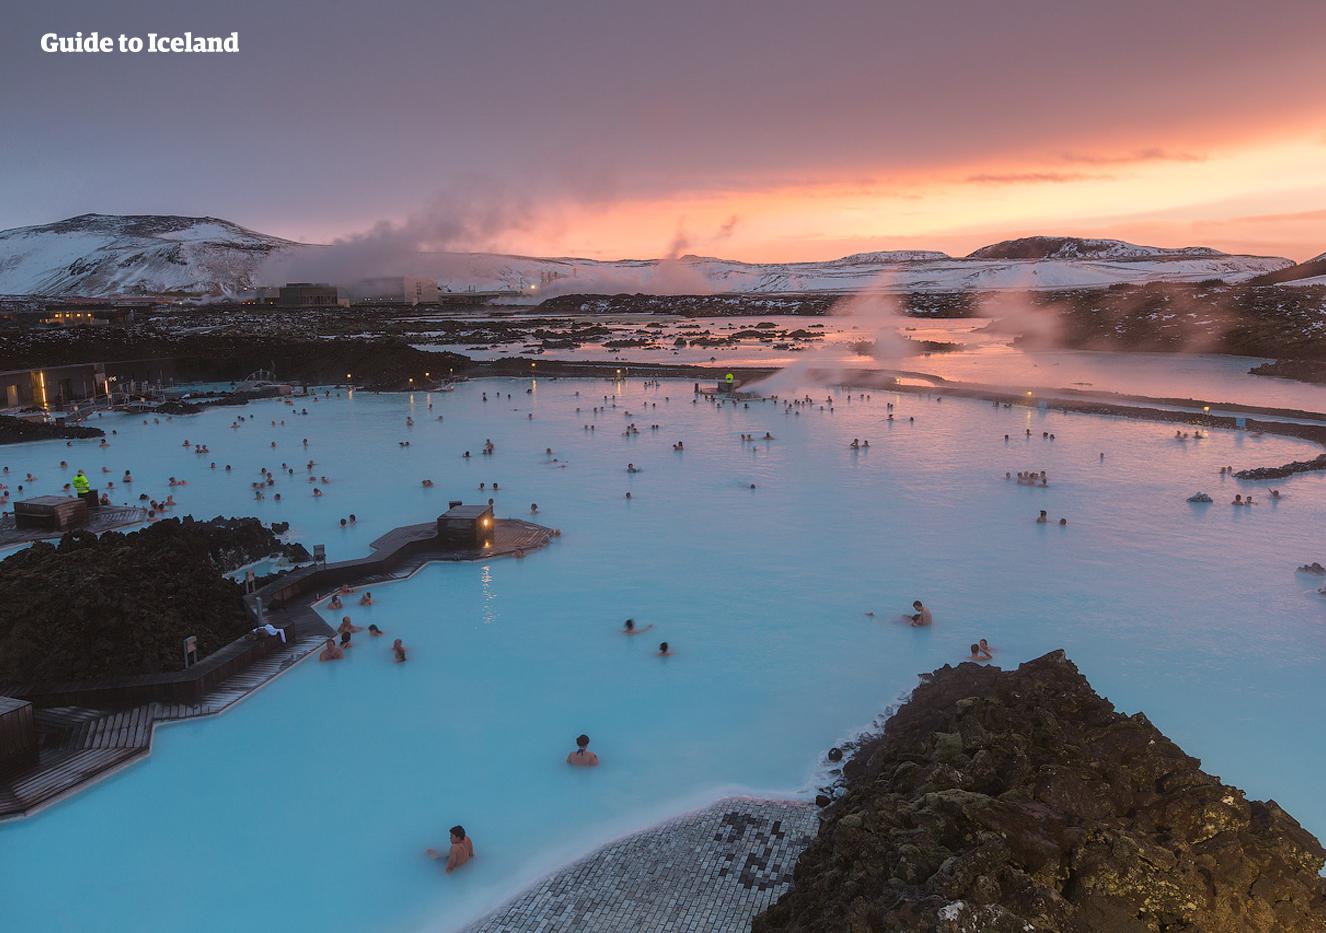 เริ่มต้นทริปสนุกในไอซ์แลนด์ที่บลูลากูน ซึ่งตั้งอยู่กลางทุ่งลาวาสีดำสนิทบนคาบสมุทรเรคยาเนส